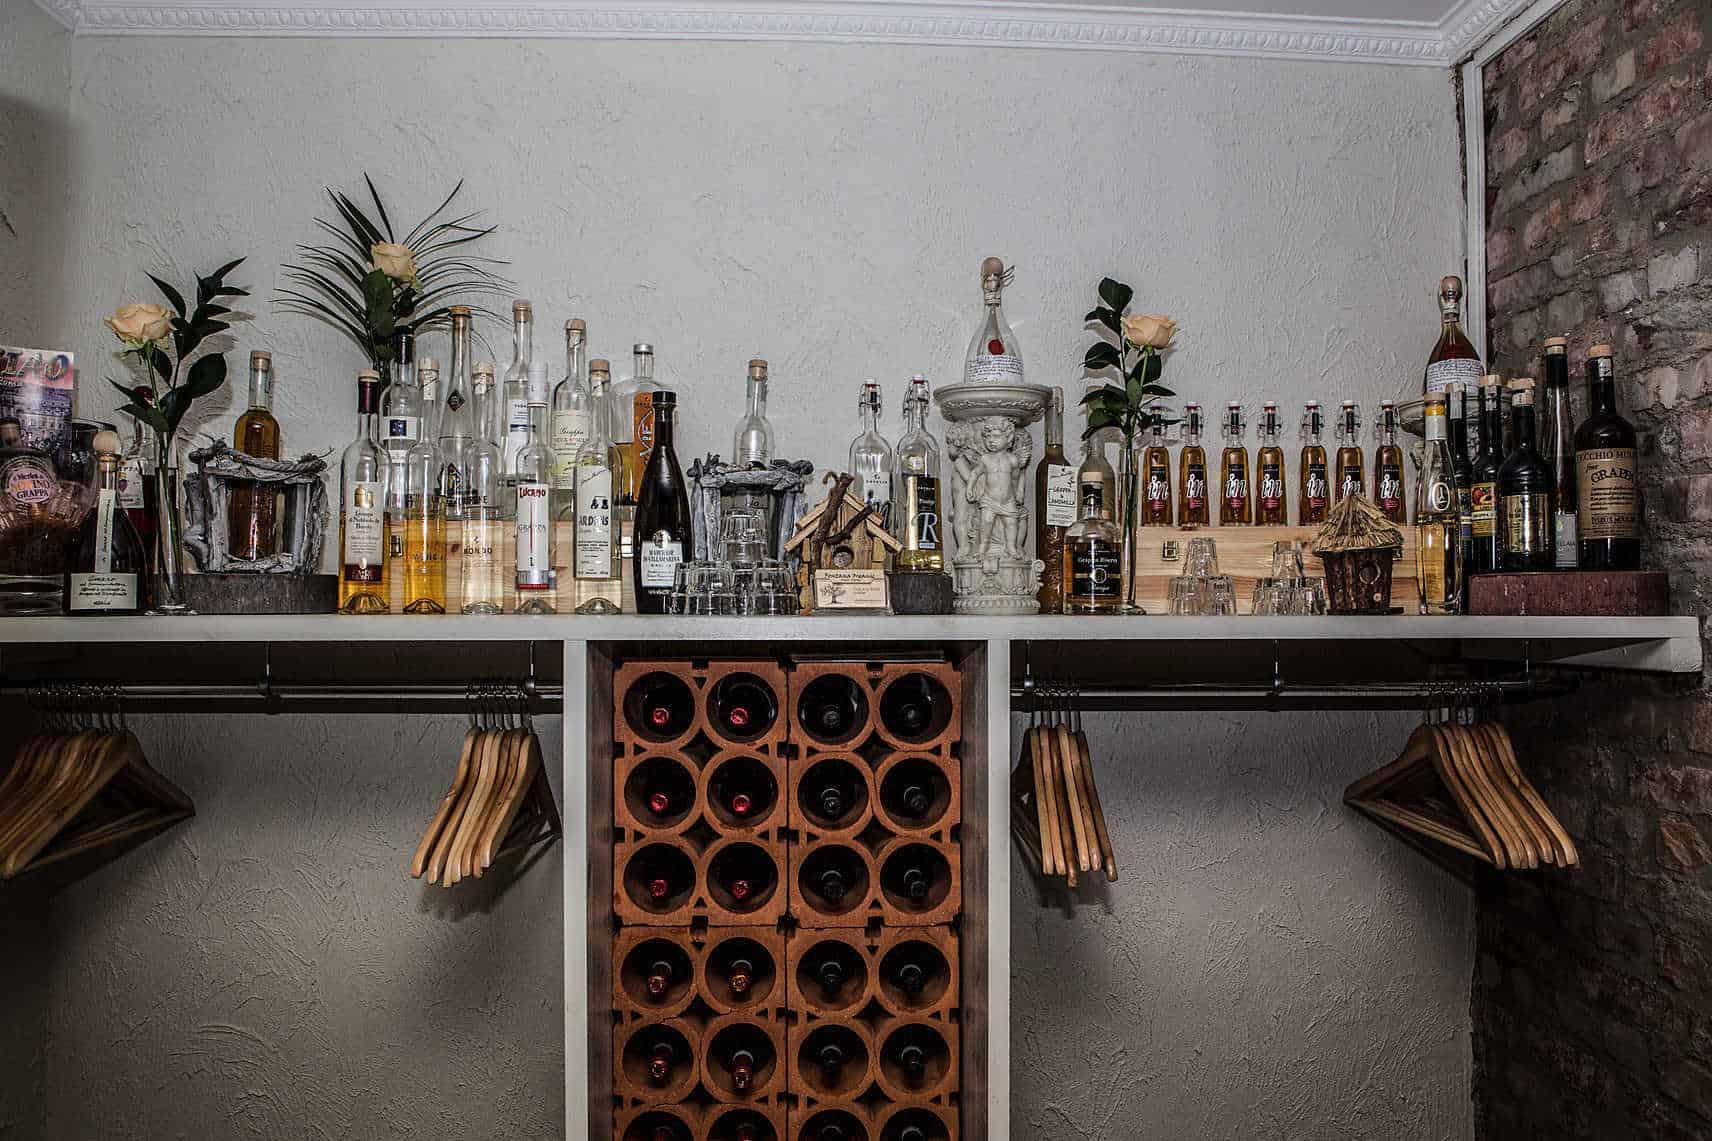 Dryckesutbud på restaurang i Göteborg